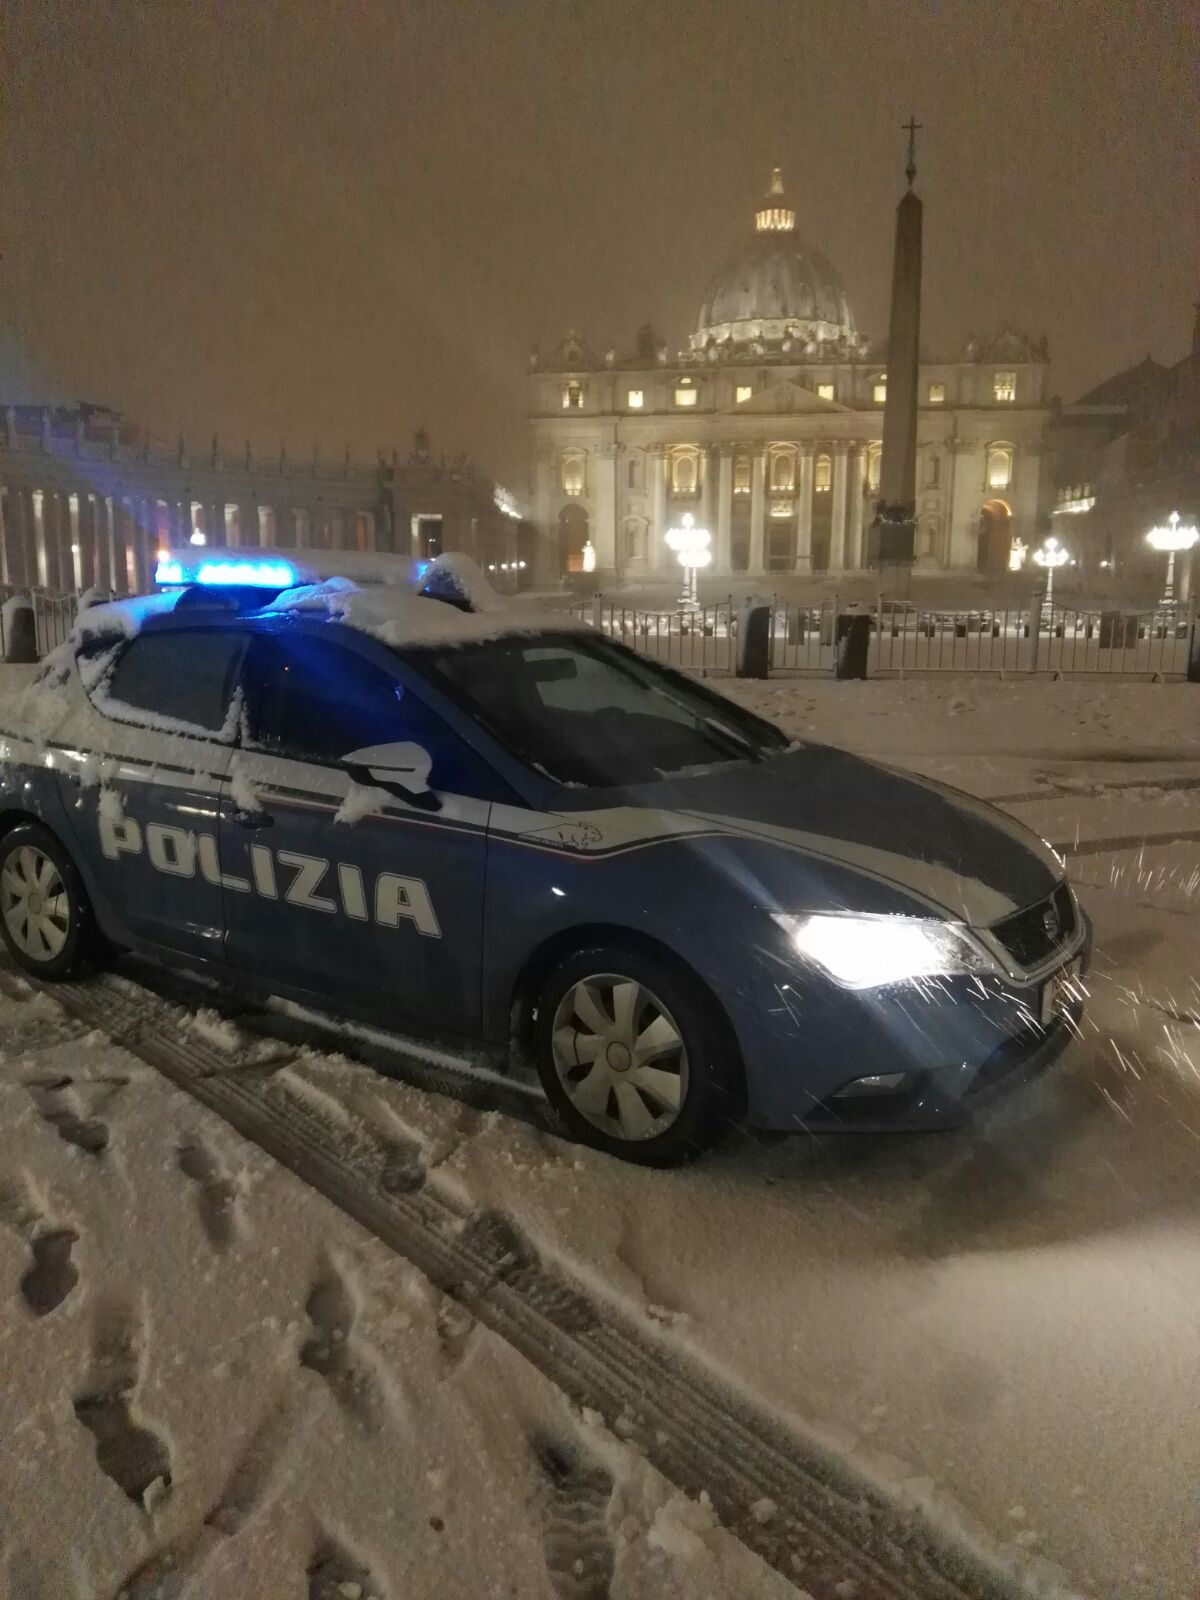 Polizia di stato 2